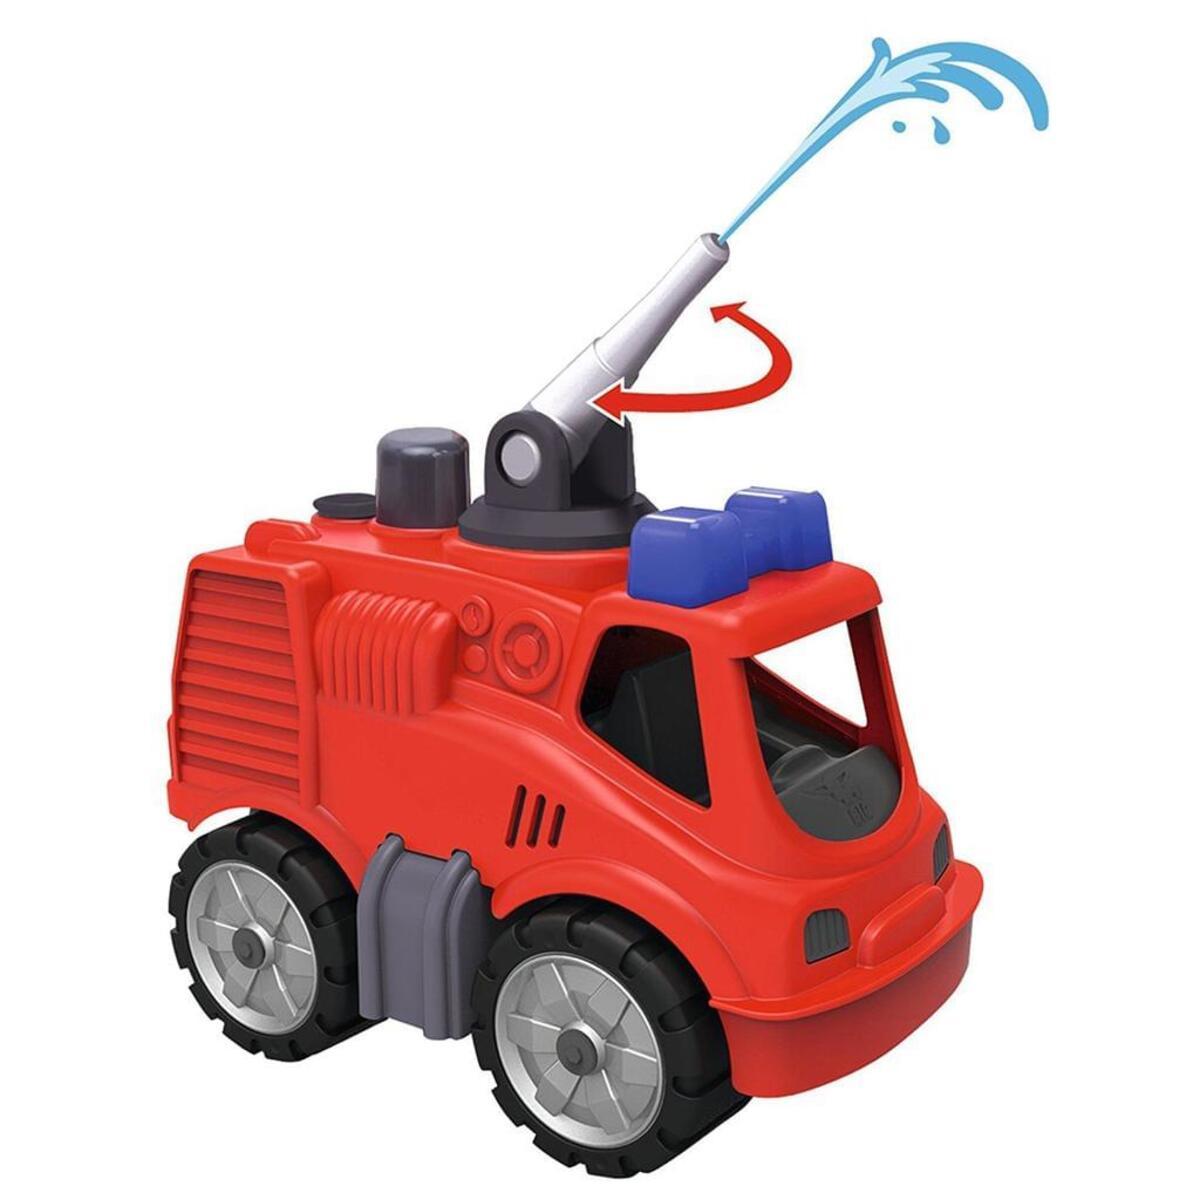 Bild 4 von BIG Power-Worker Spielzeug Mini Feuerwehr